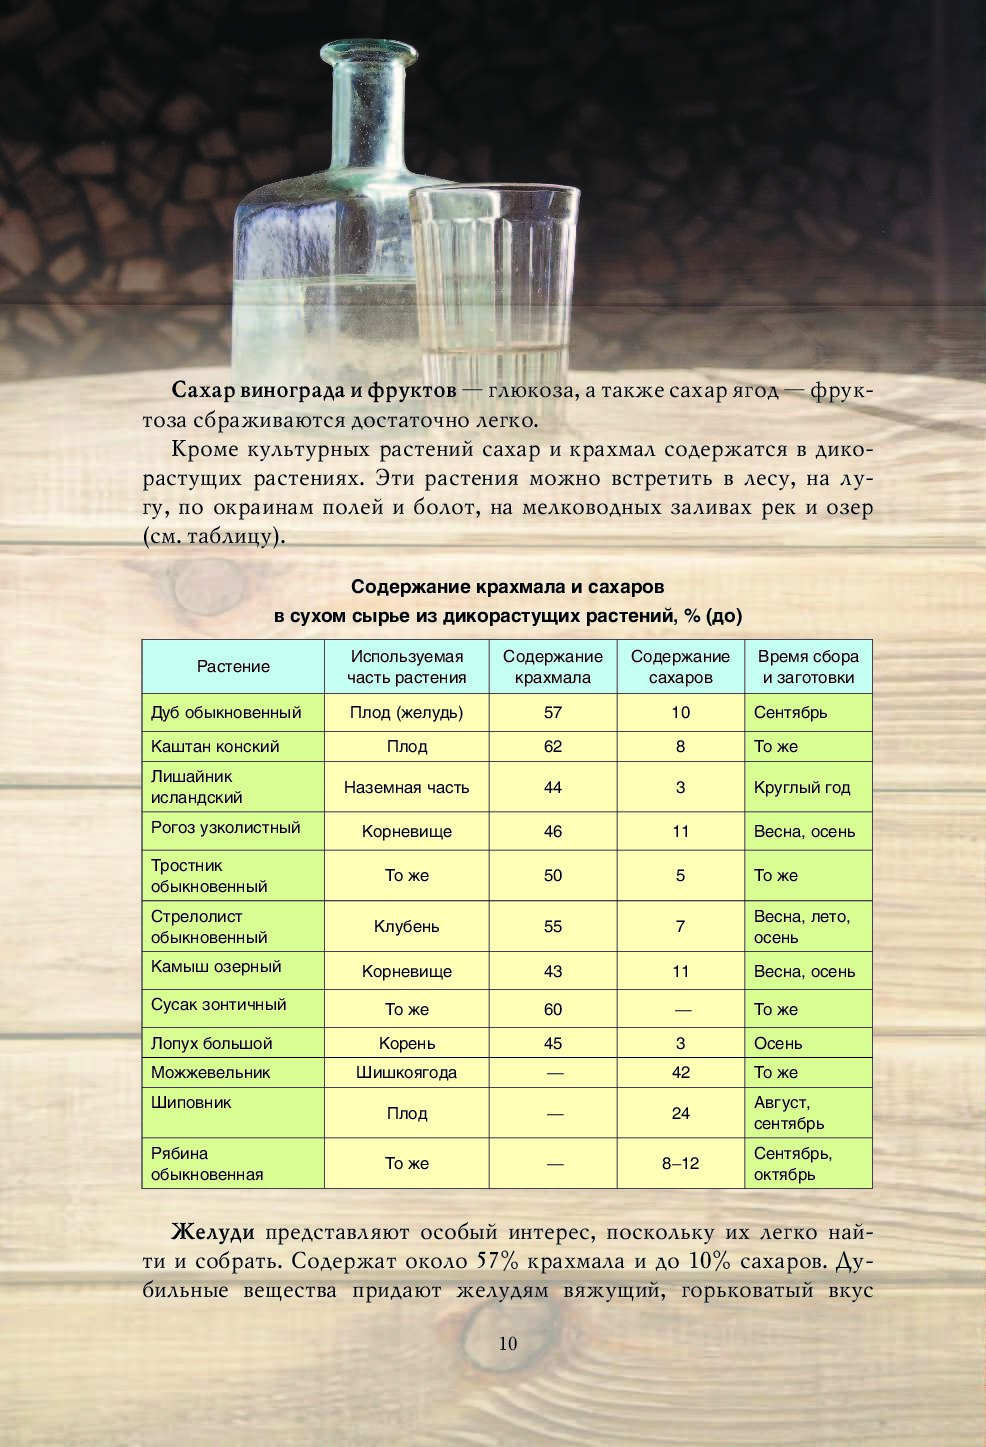 Рецепты приготовления рома в домашних условиях. что такое ром, из чего его делают и как приготовить напиток в домашних условиях